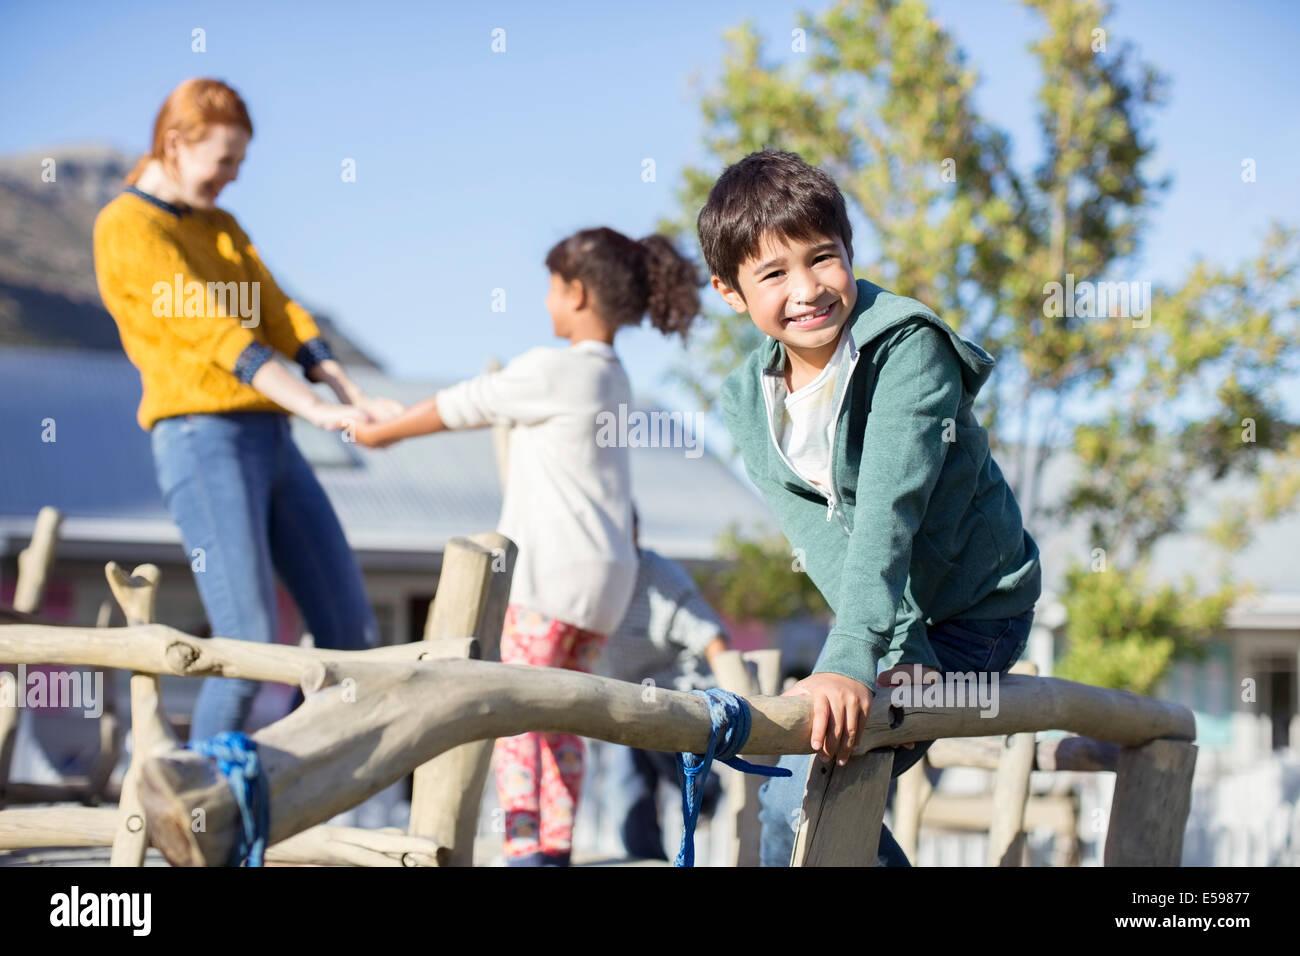 L insegnante e gli studenti a giocare all'aperto Immagini Stock